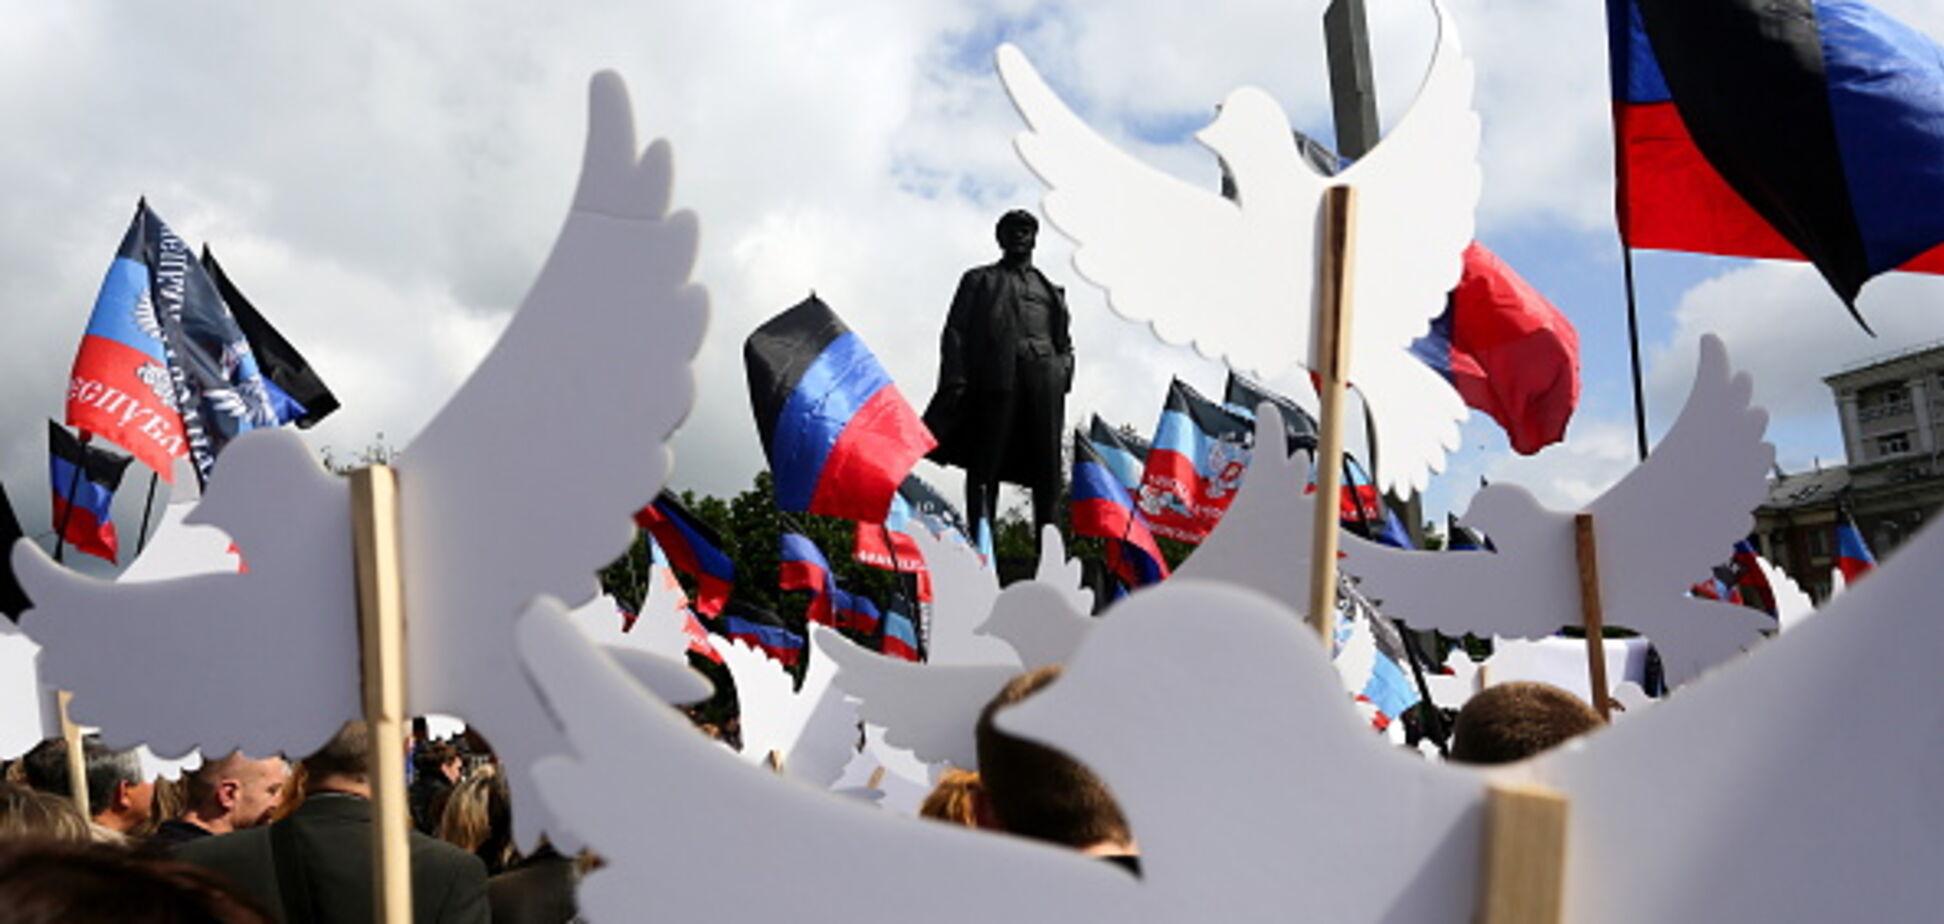 Коммуналка 'по-ДНРовски': террористы приготовили неприятный сюрприз 'должникам'